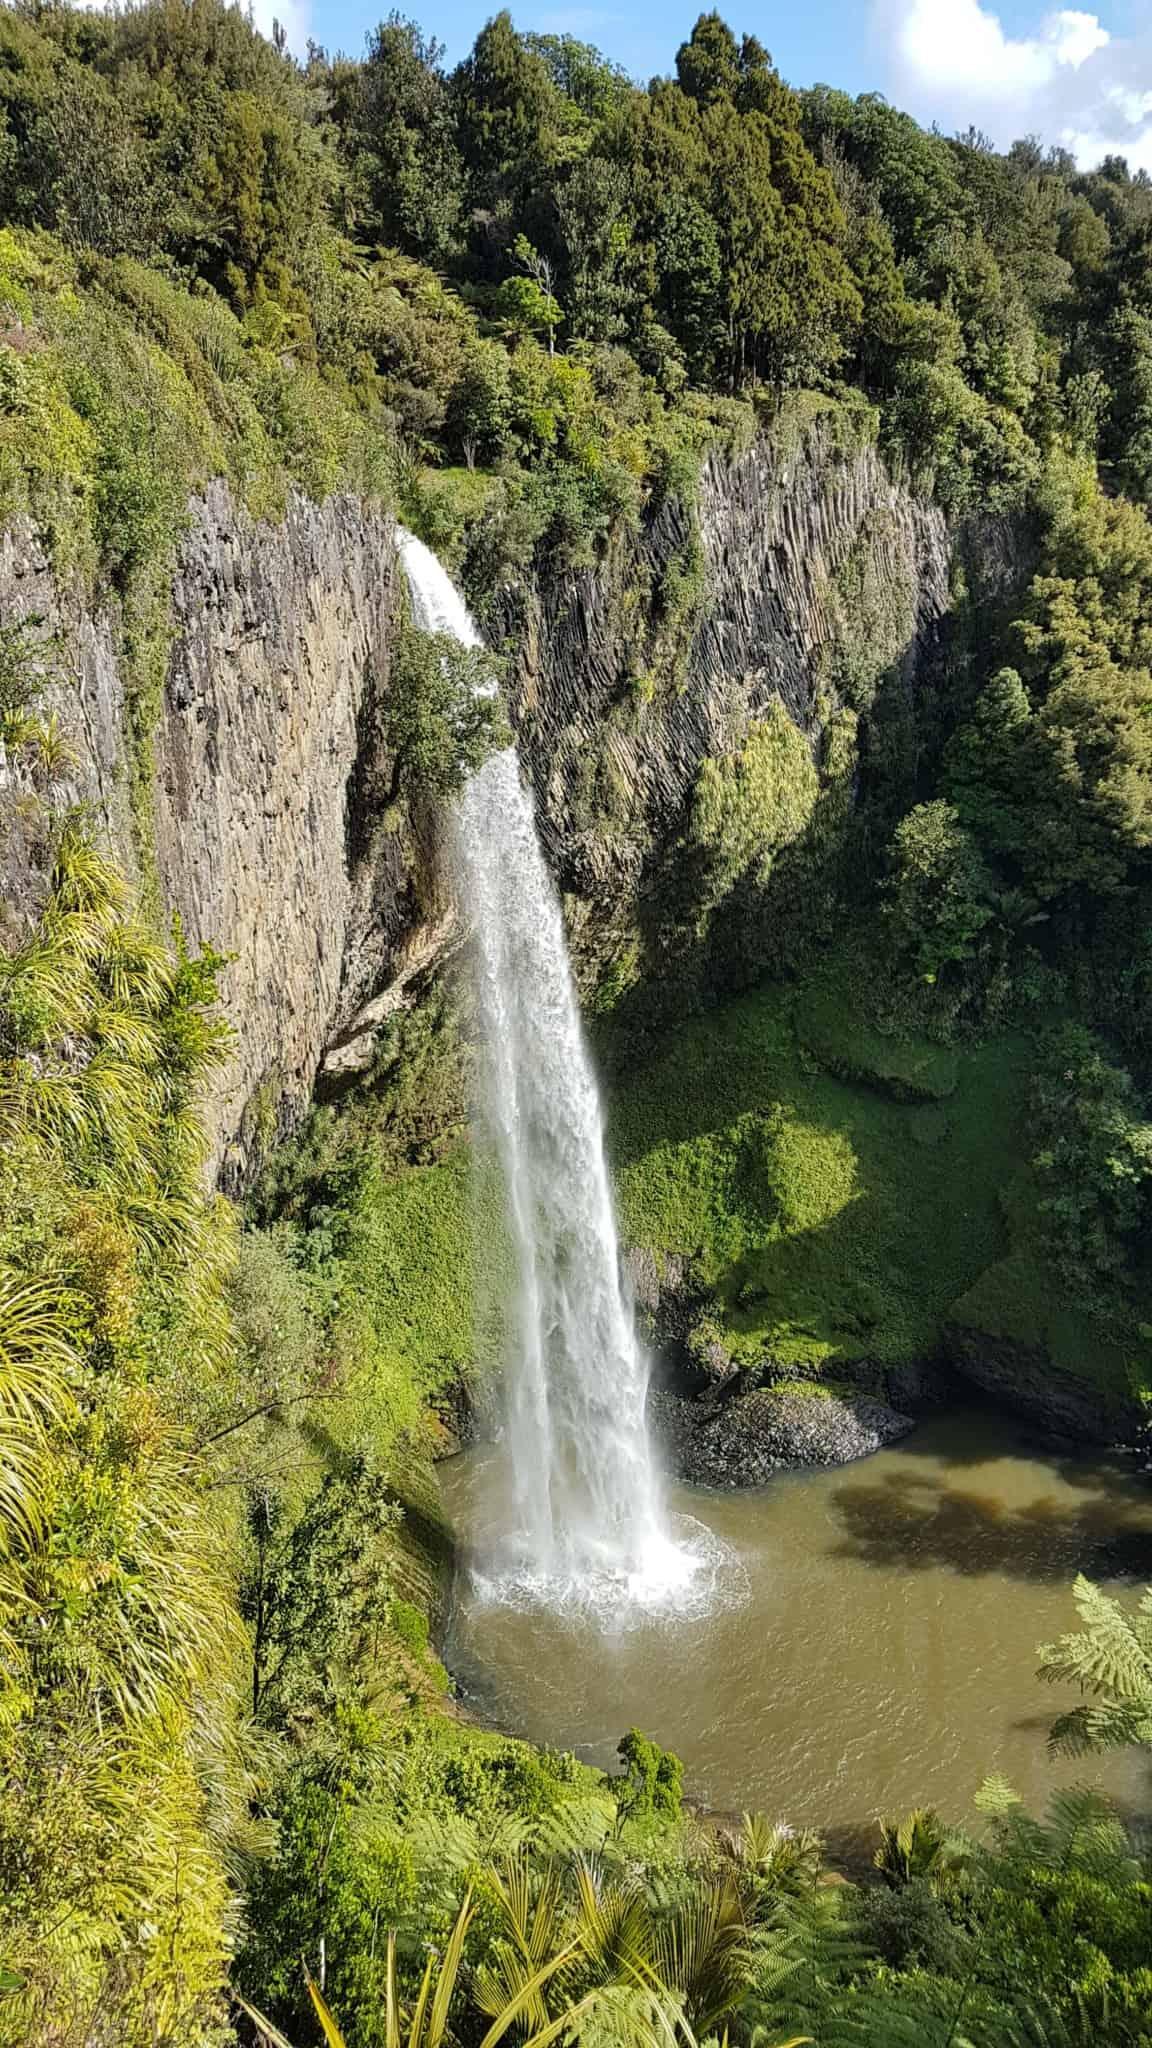 Nouvelle-Zélande, la magnifique cascade de Bridal Veil Falls 💧 12